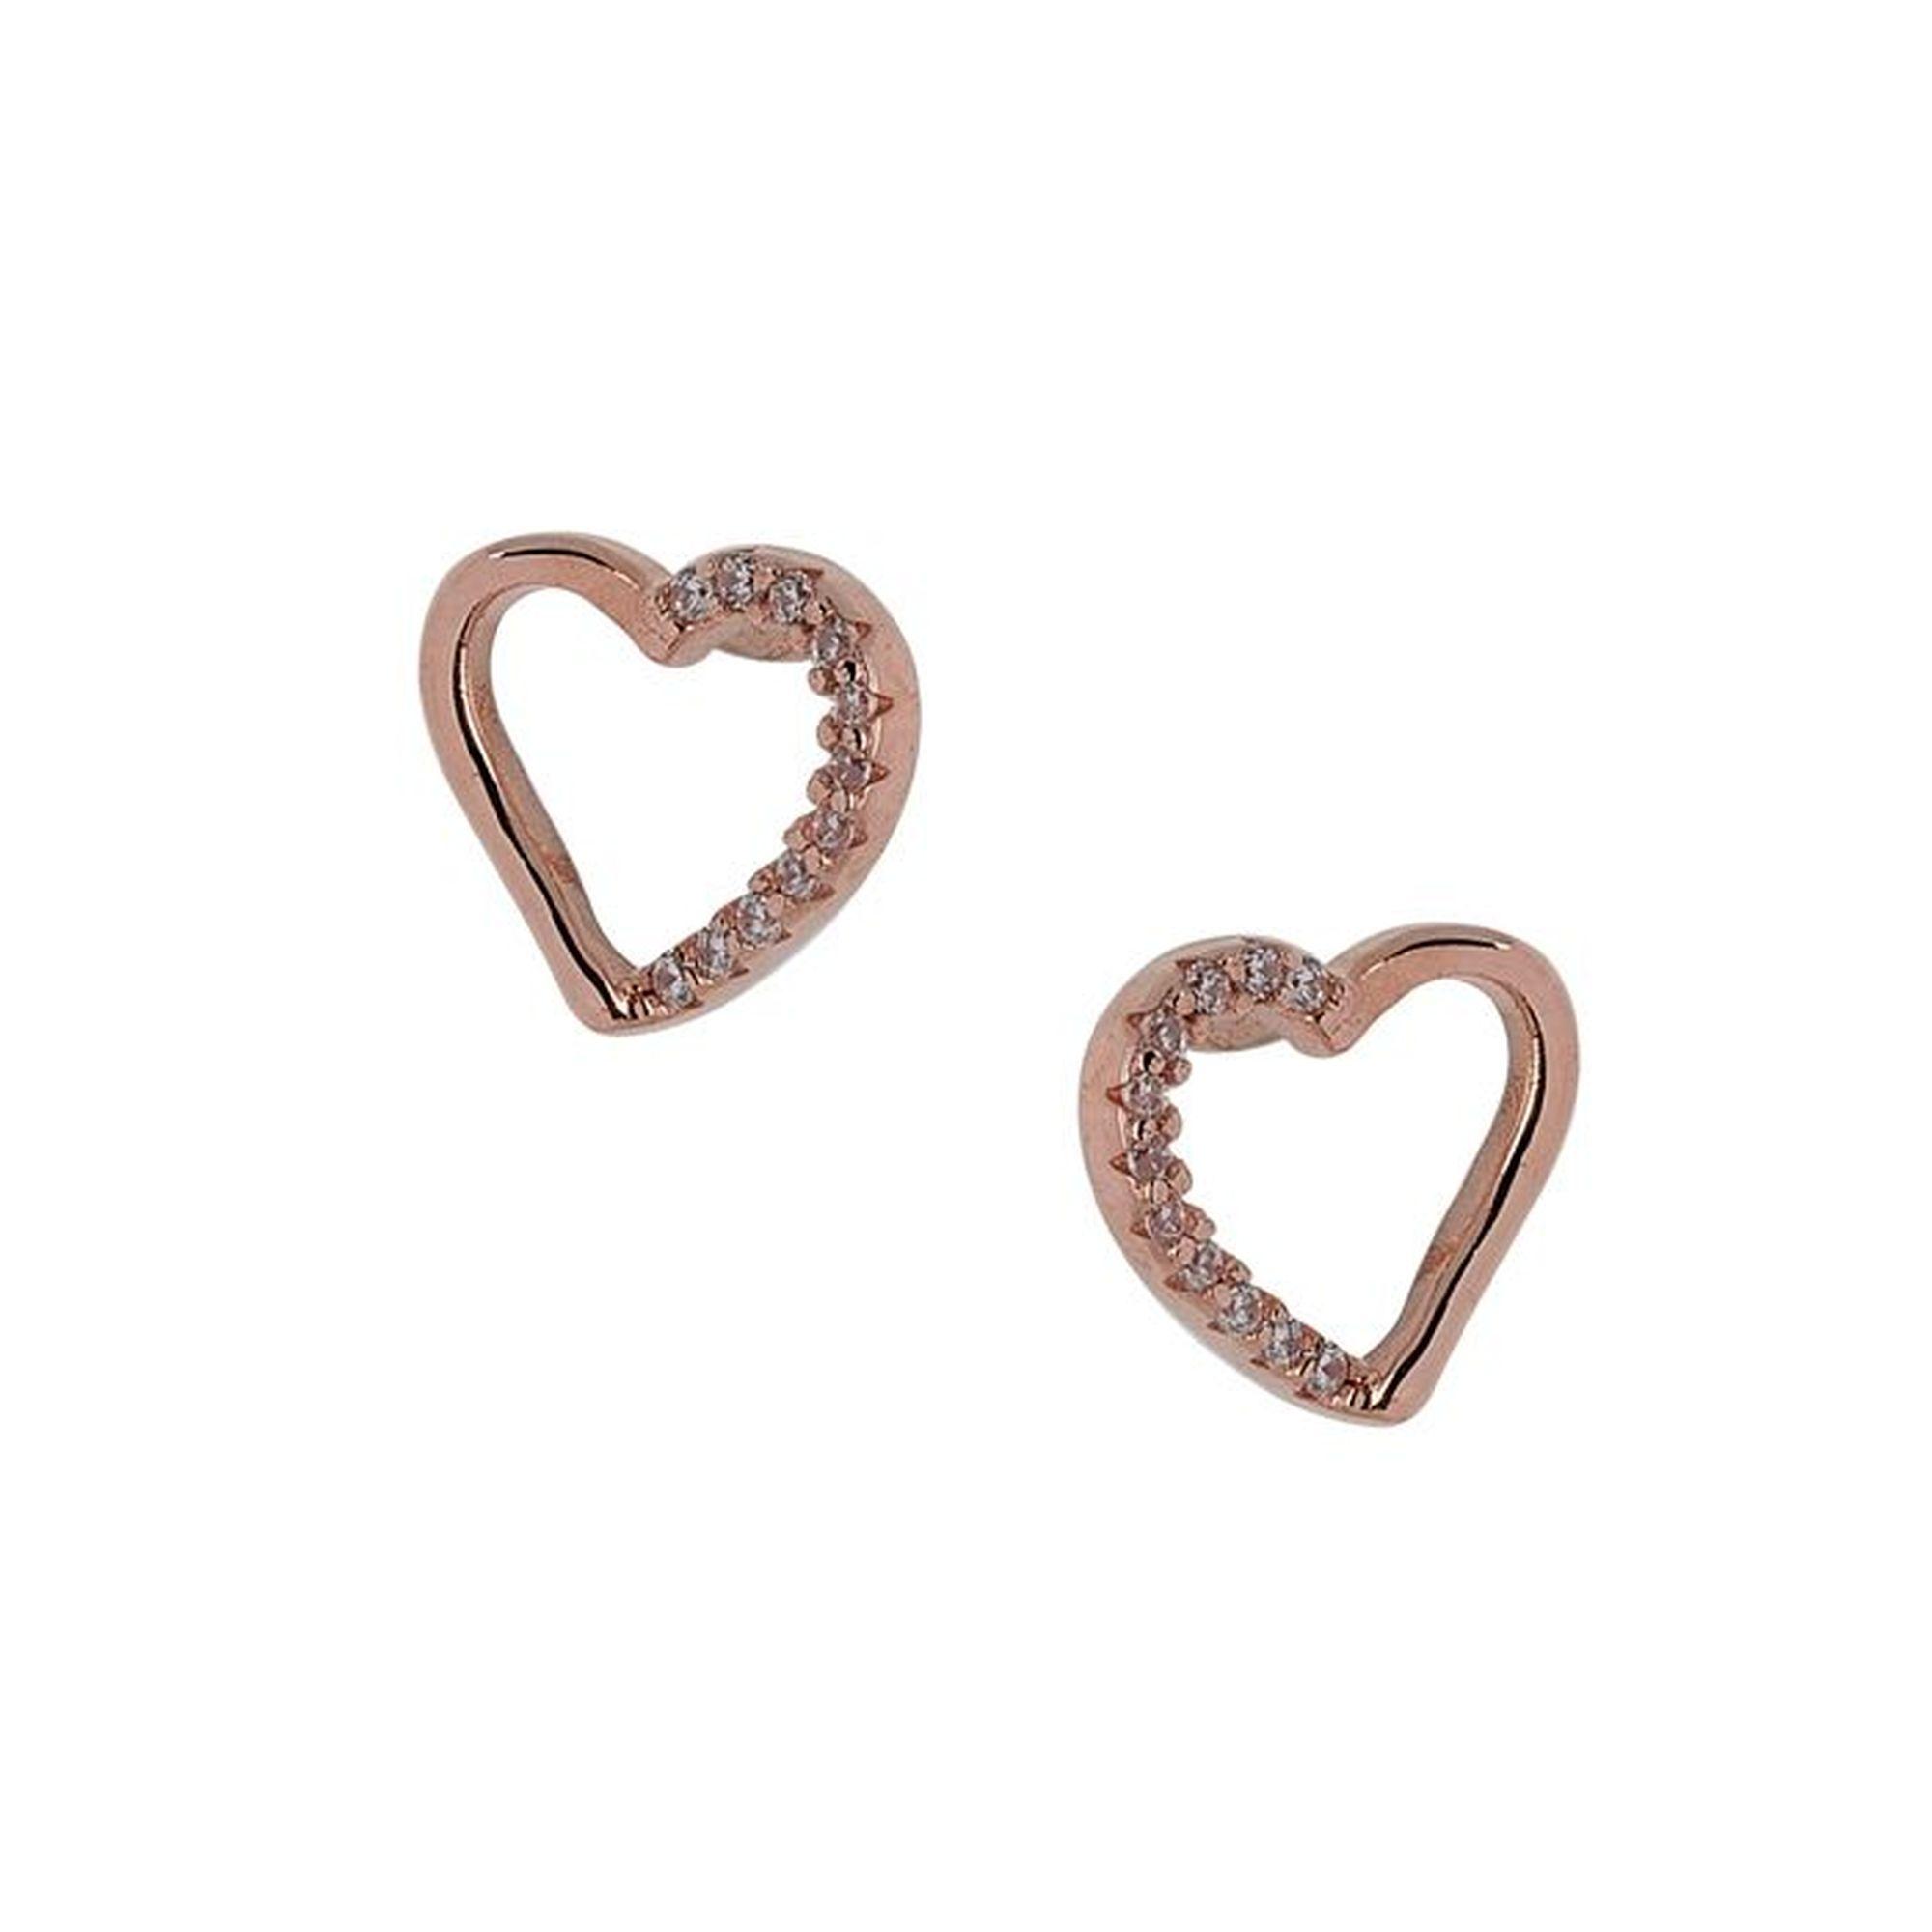 Ασημένια Σκουλαρίκια Καρδιά με Πέτρες